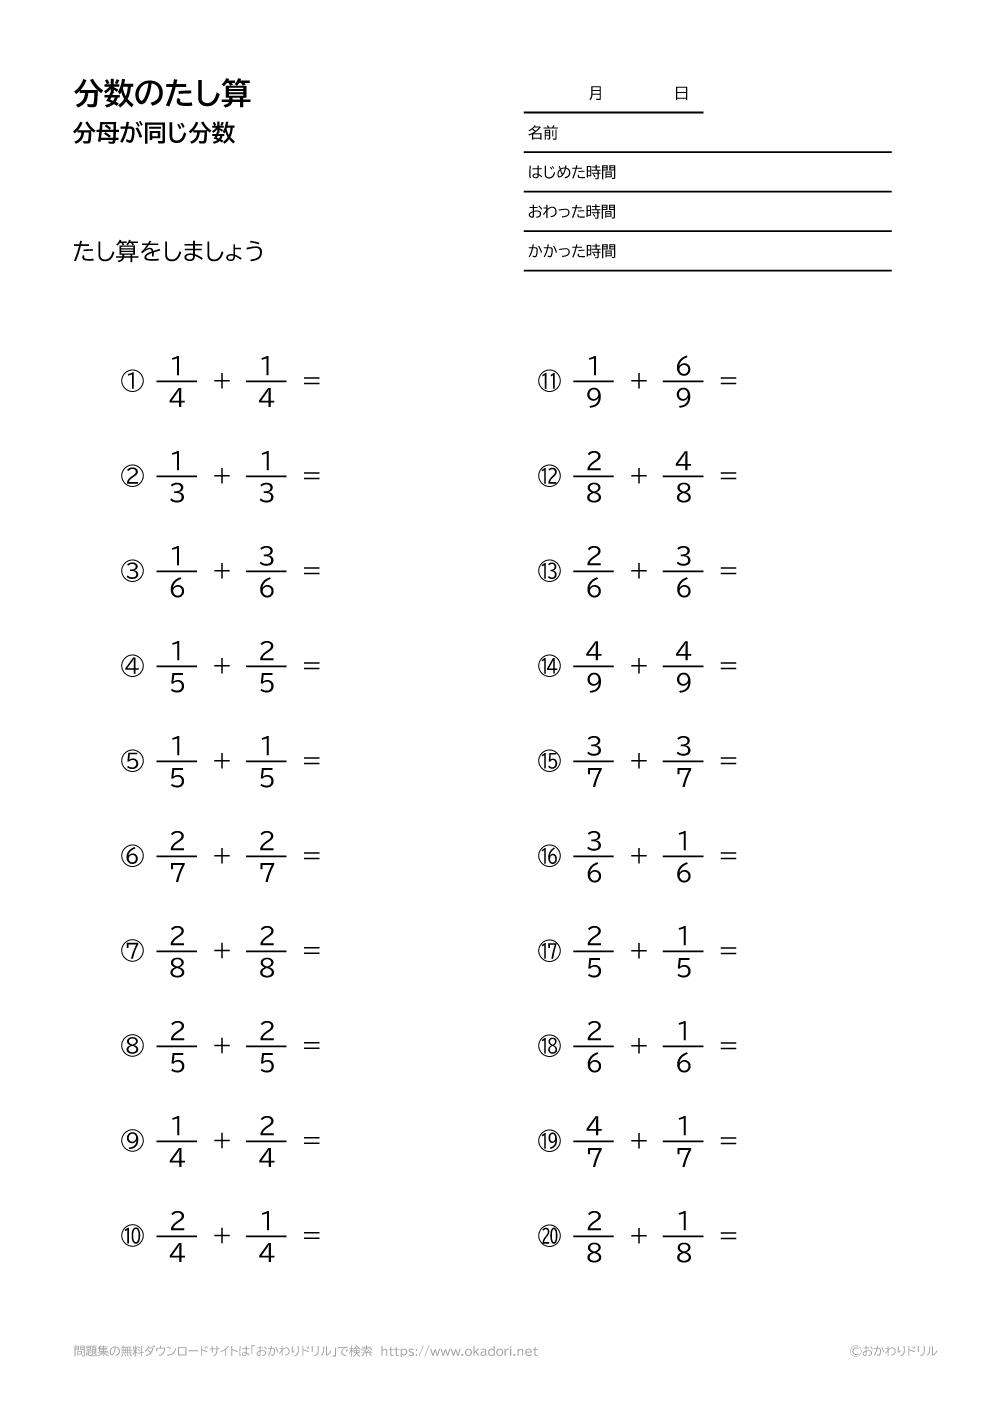 分母が同じ分数の足し算4